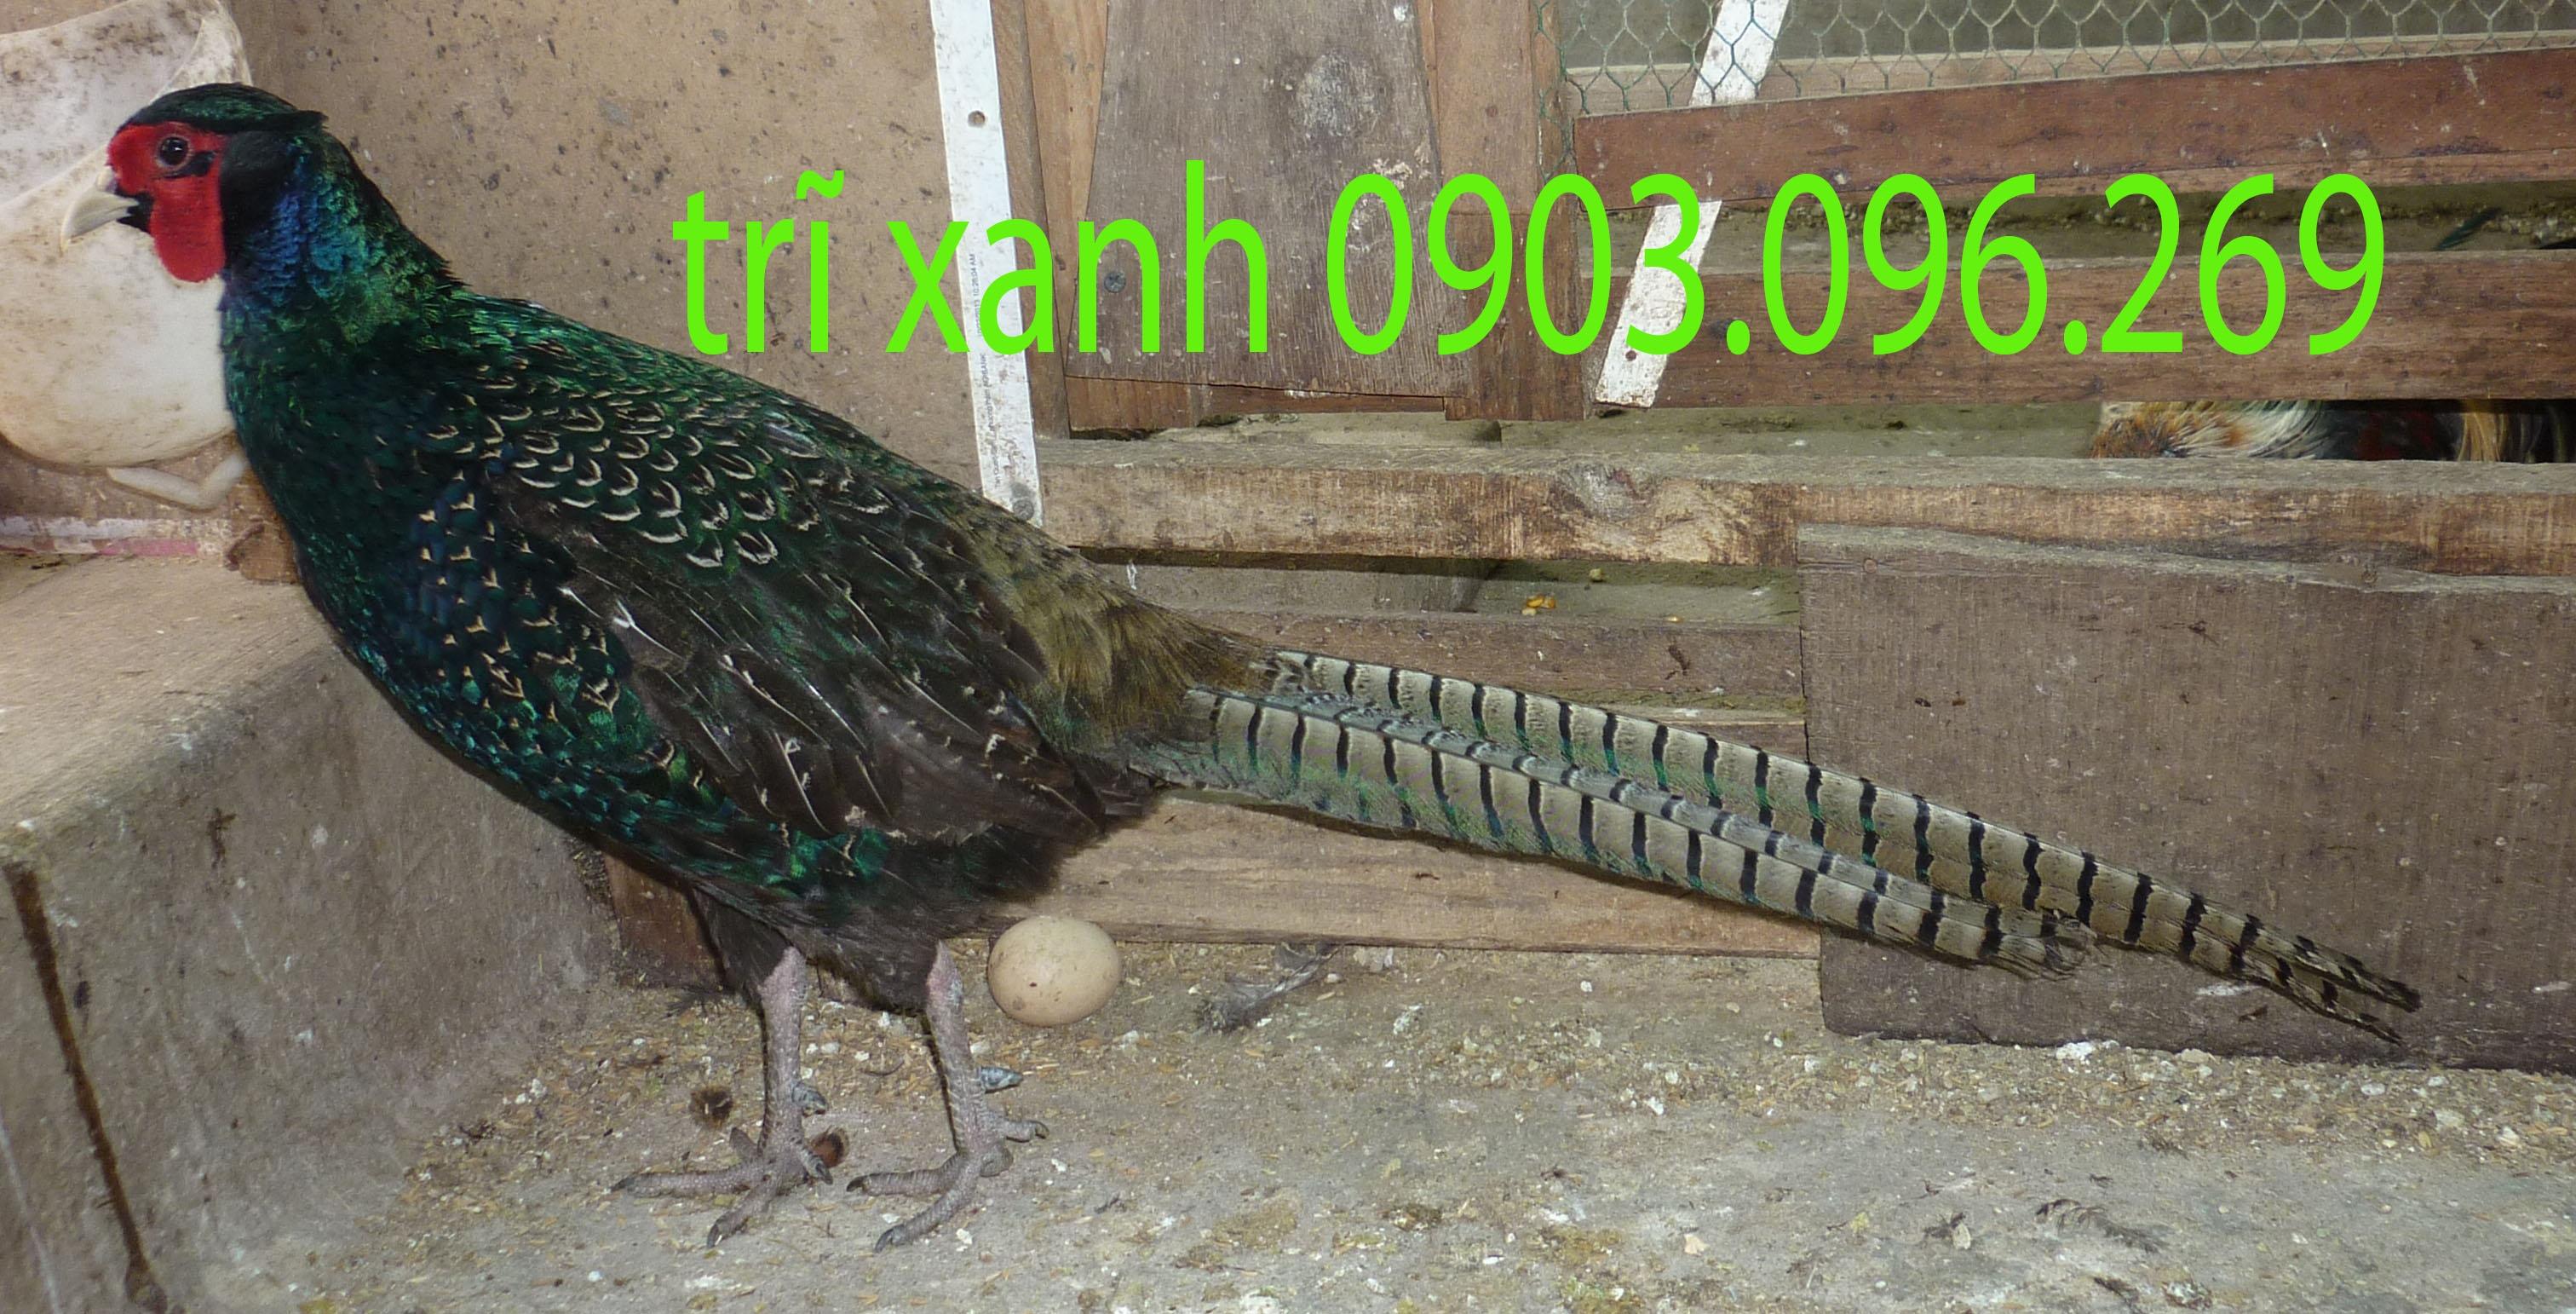 26469463037_ef01fd9614_o.jpg